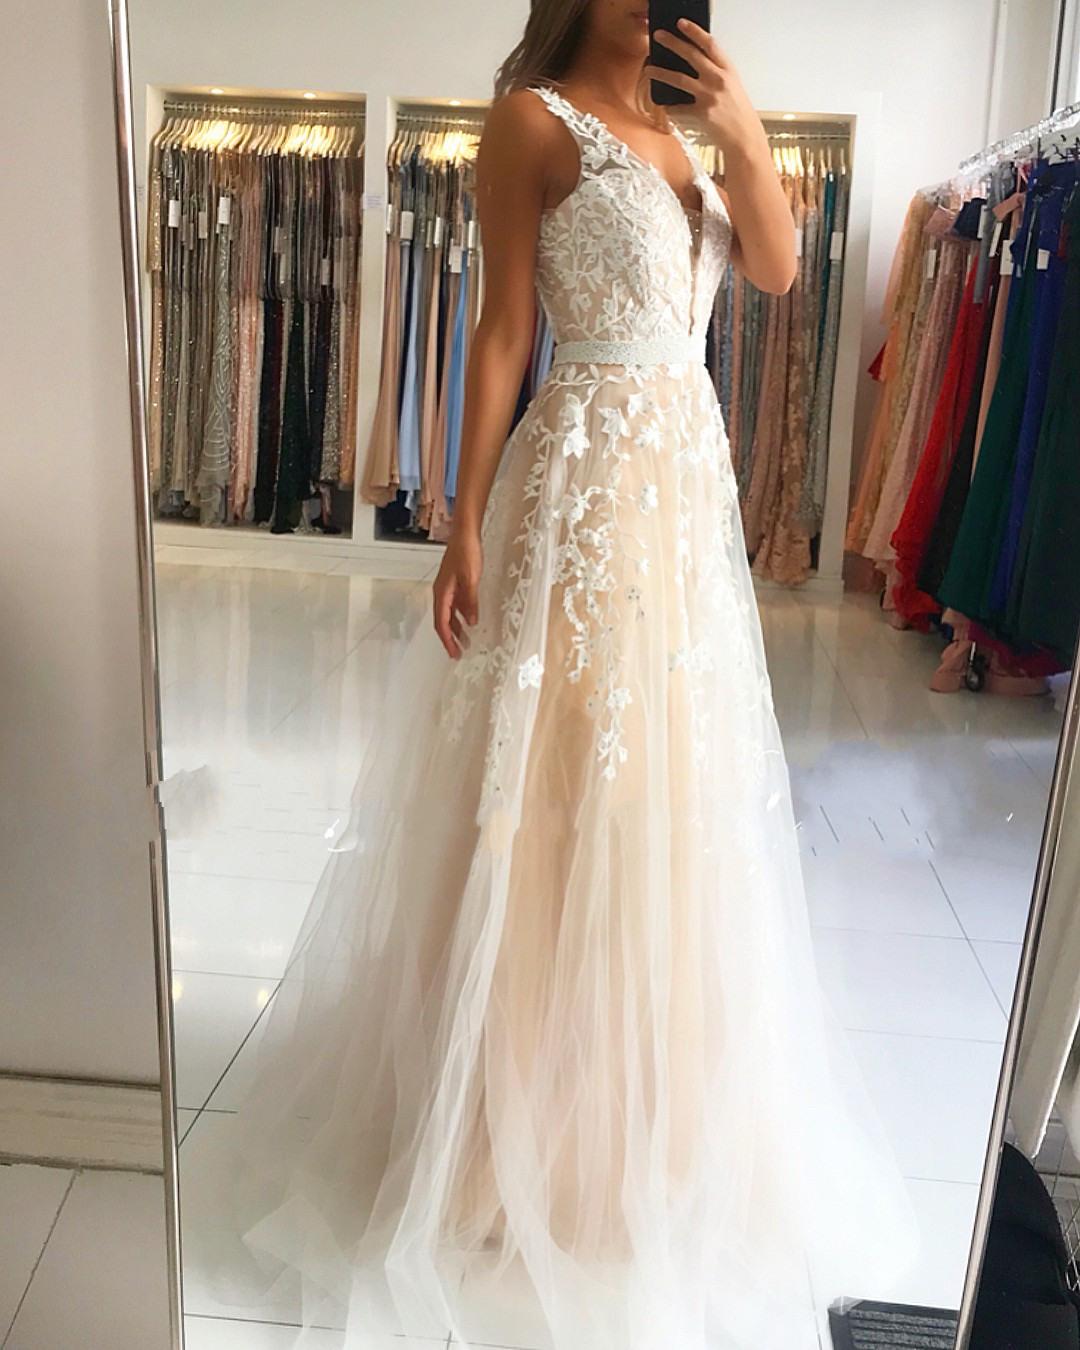 15 Genial Abendkleid Weiß Lang Spitze DesignFormal Perfekt Abendkleid Weiß Lang Spitze Bester Preis